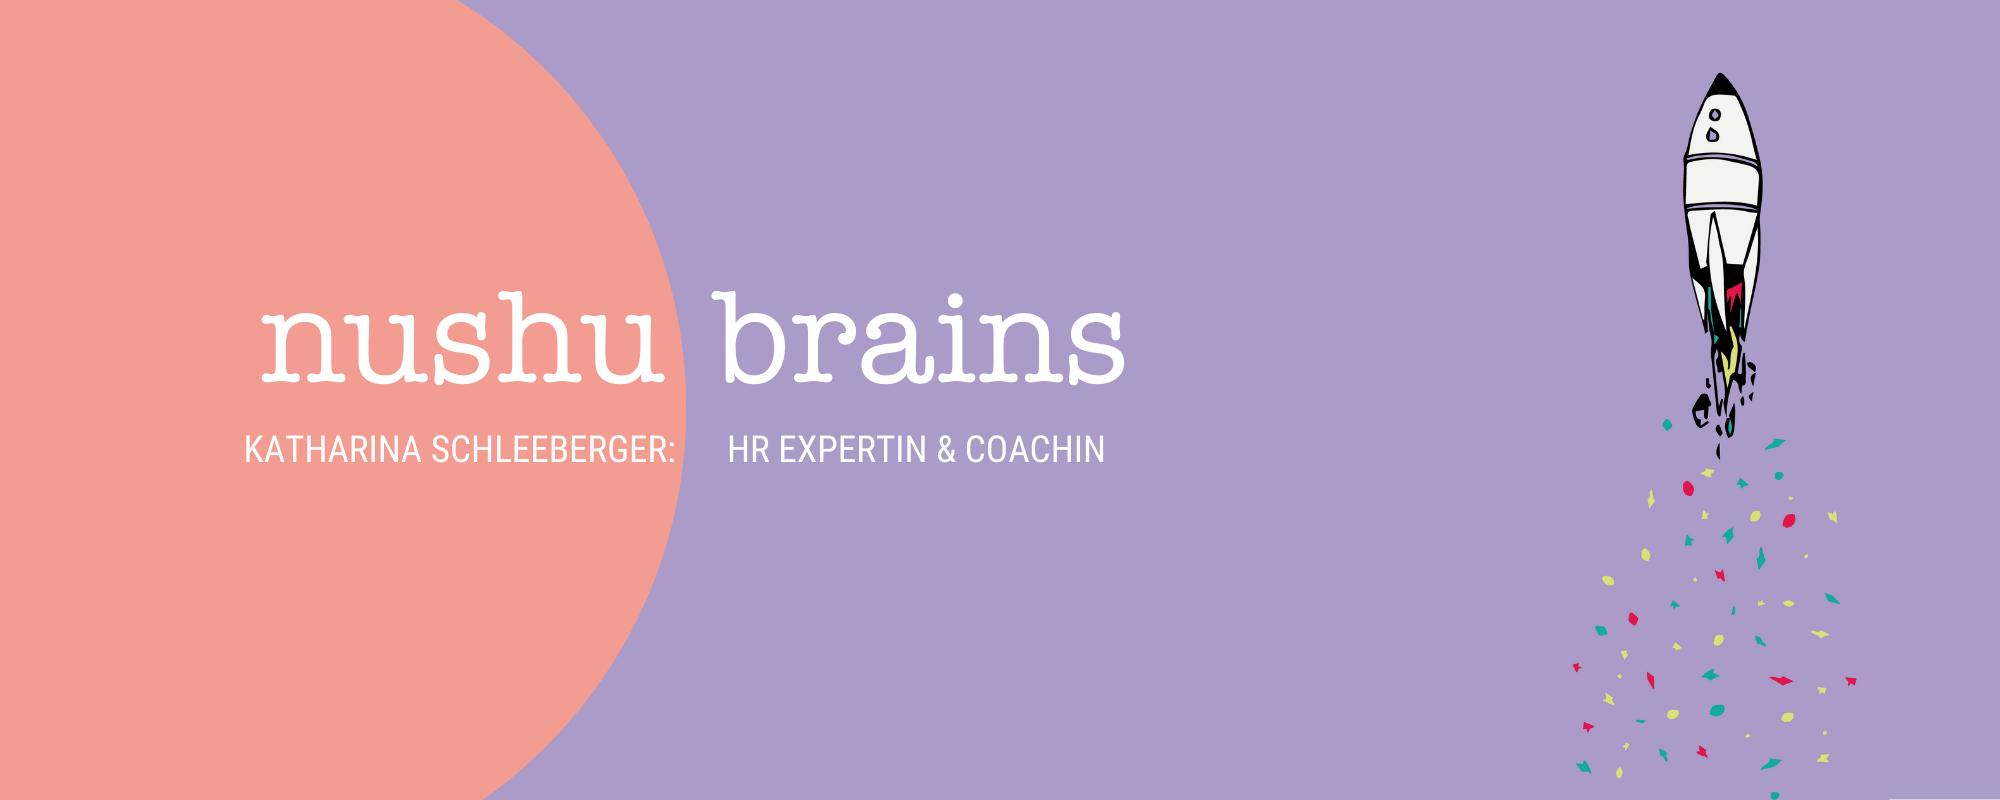 nushu brains: Katharina Schleeberger, HR Expertin & Coach